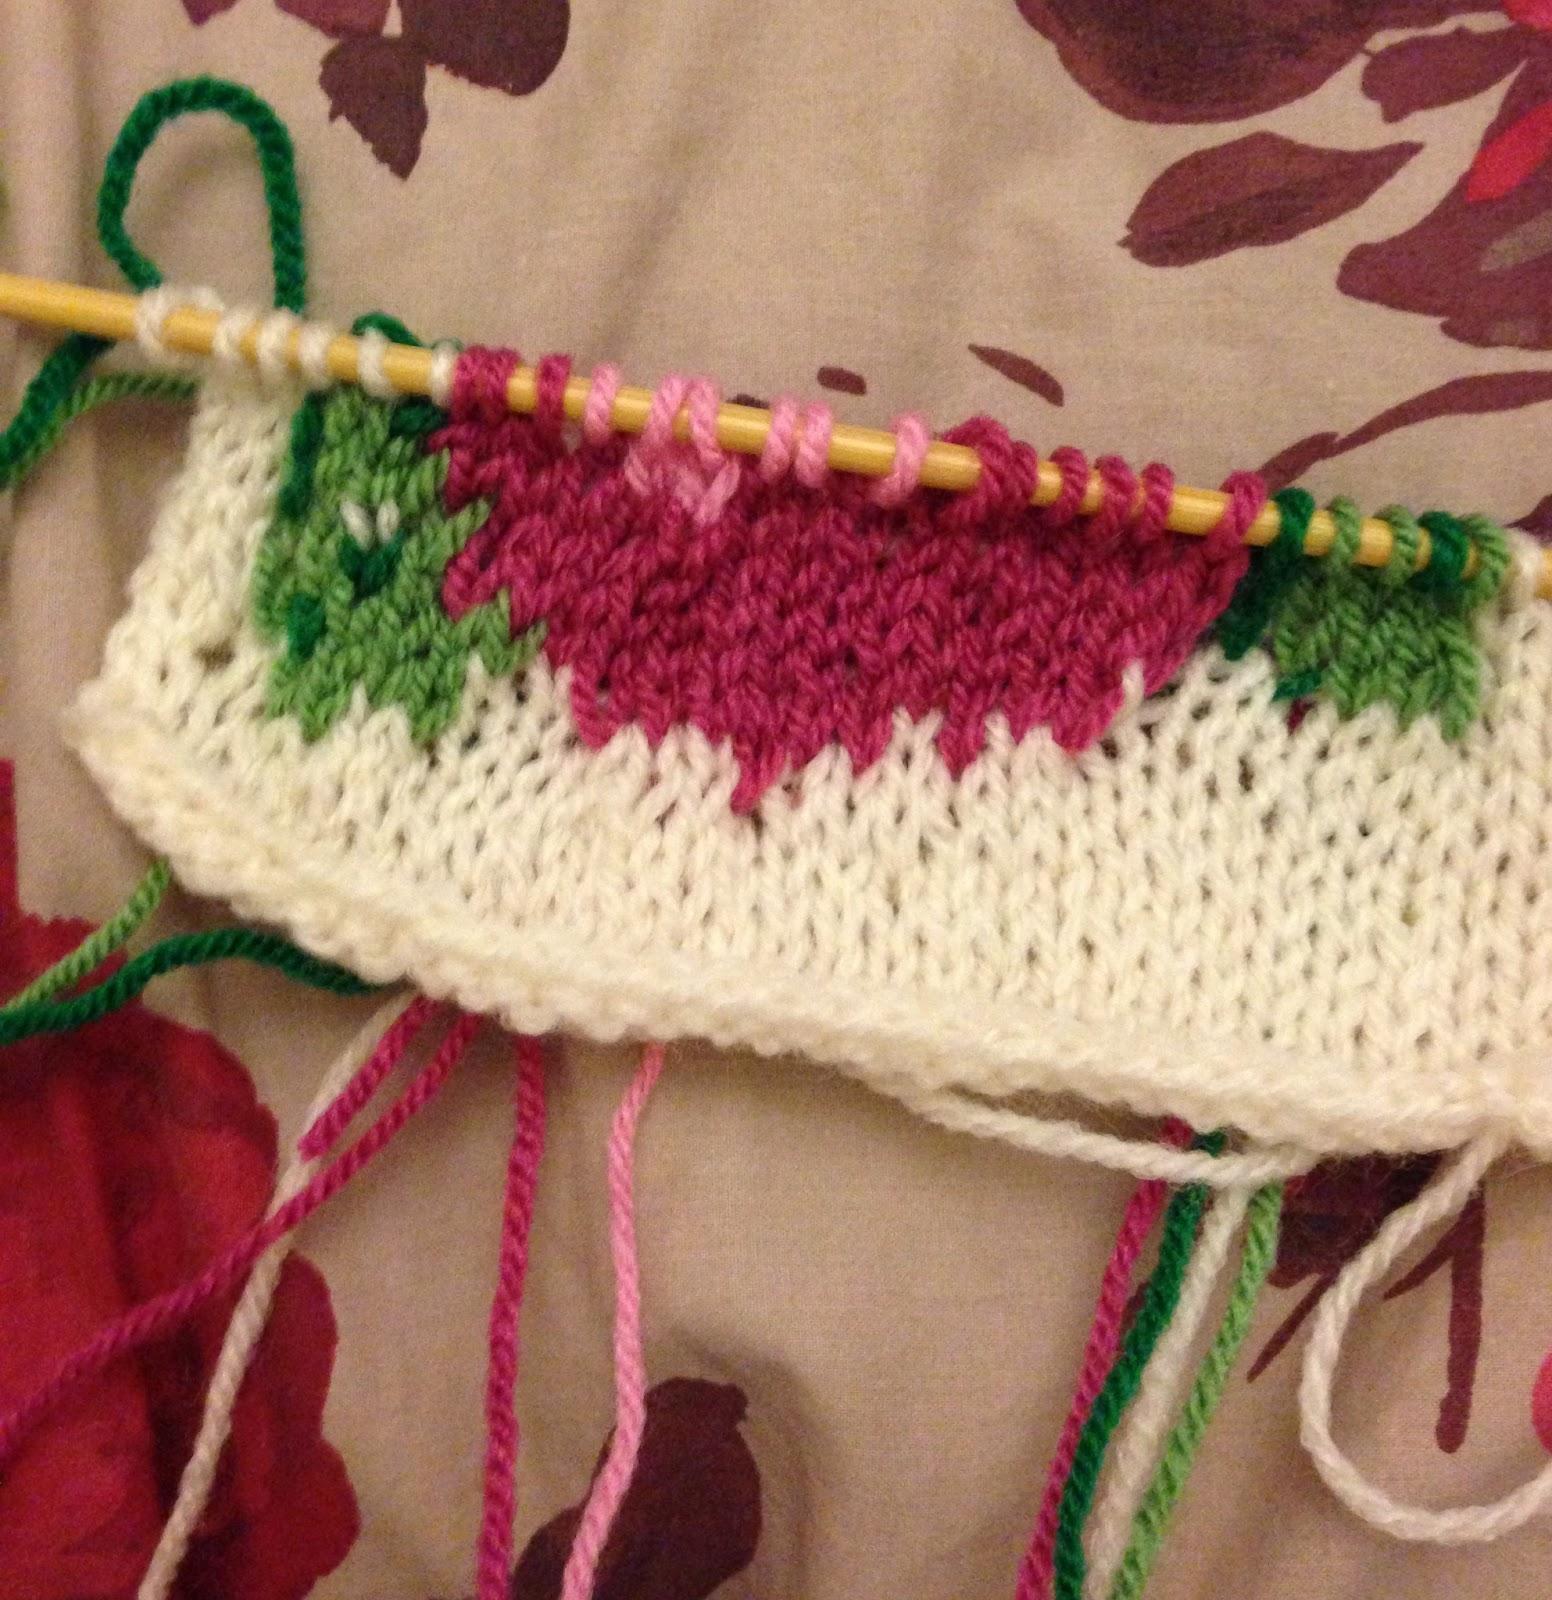 Intarsia Knitting Patterns : Yarning Darling: A Rosy Intarsia Foray